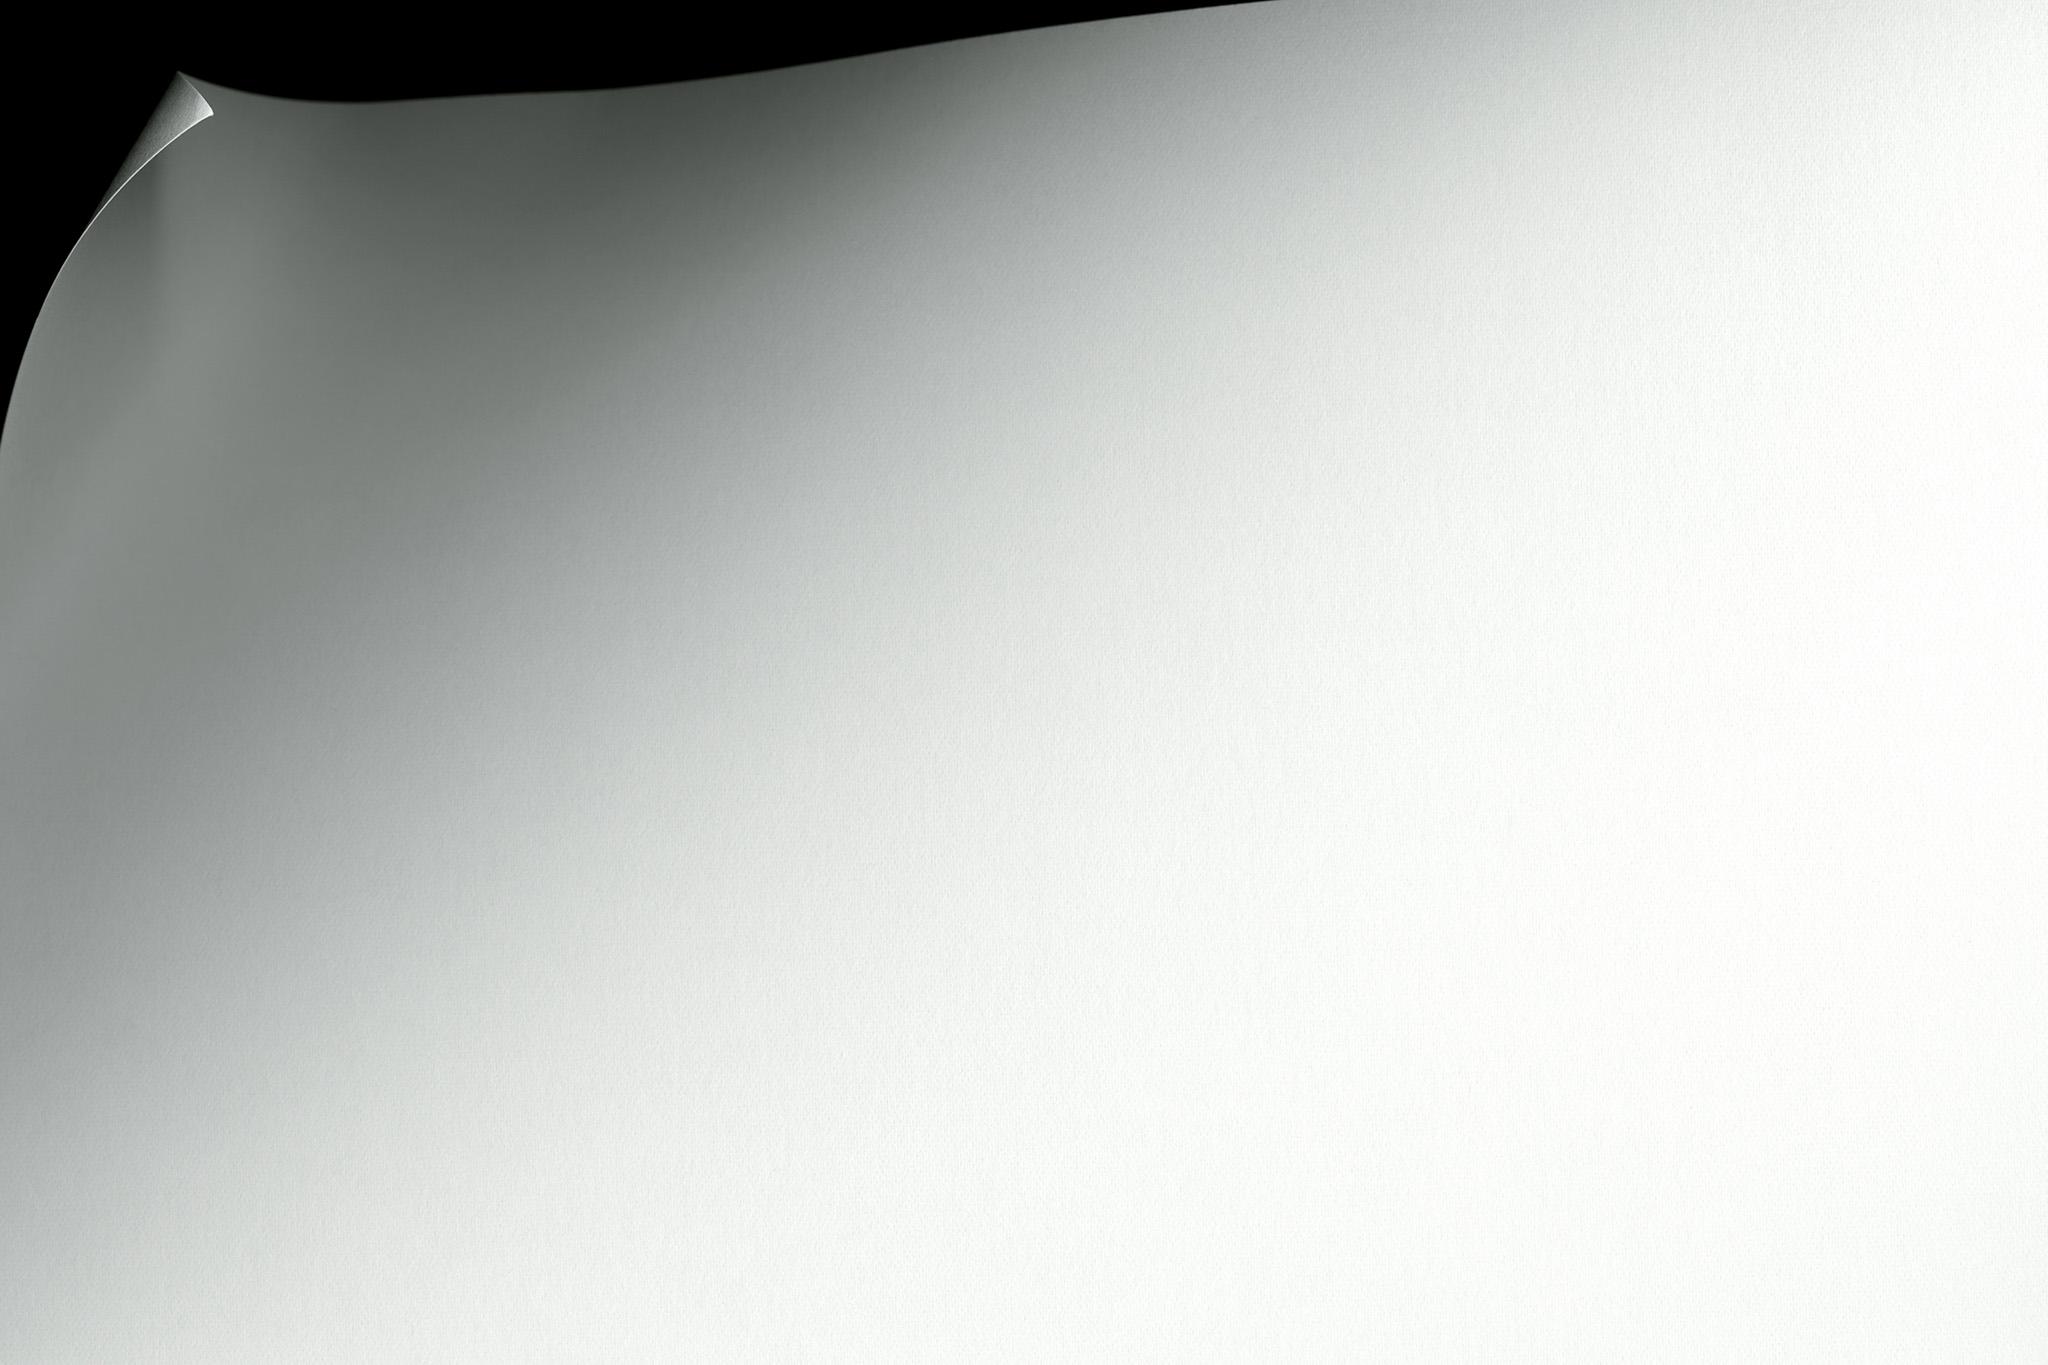 紙のバックグラウンドイメージ